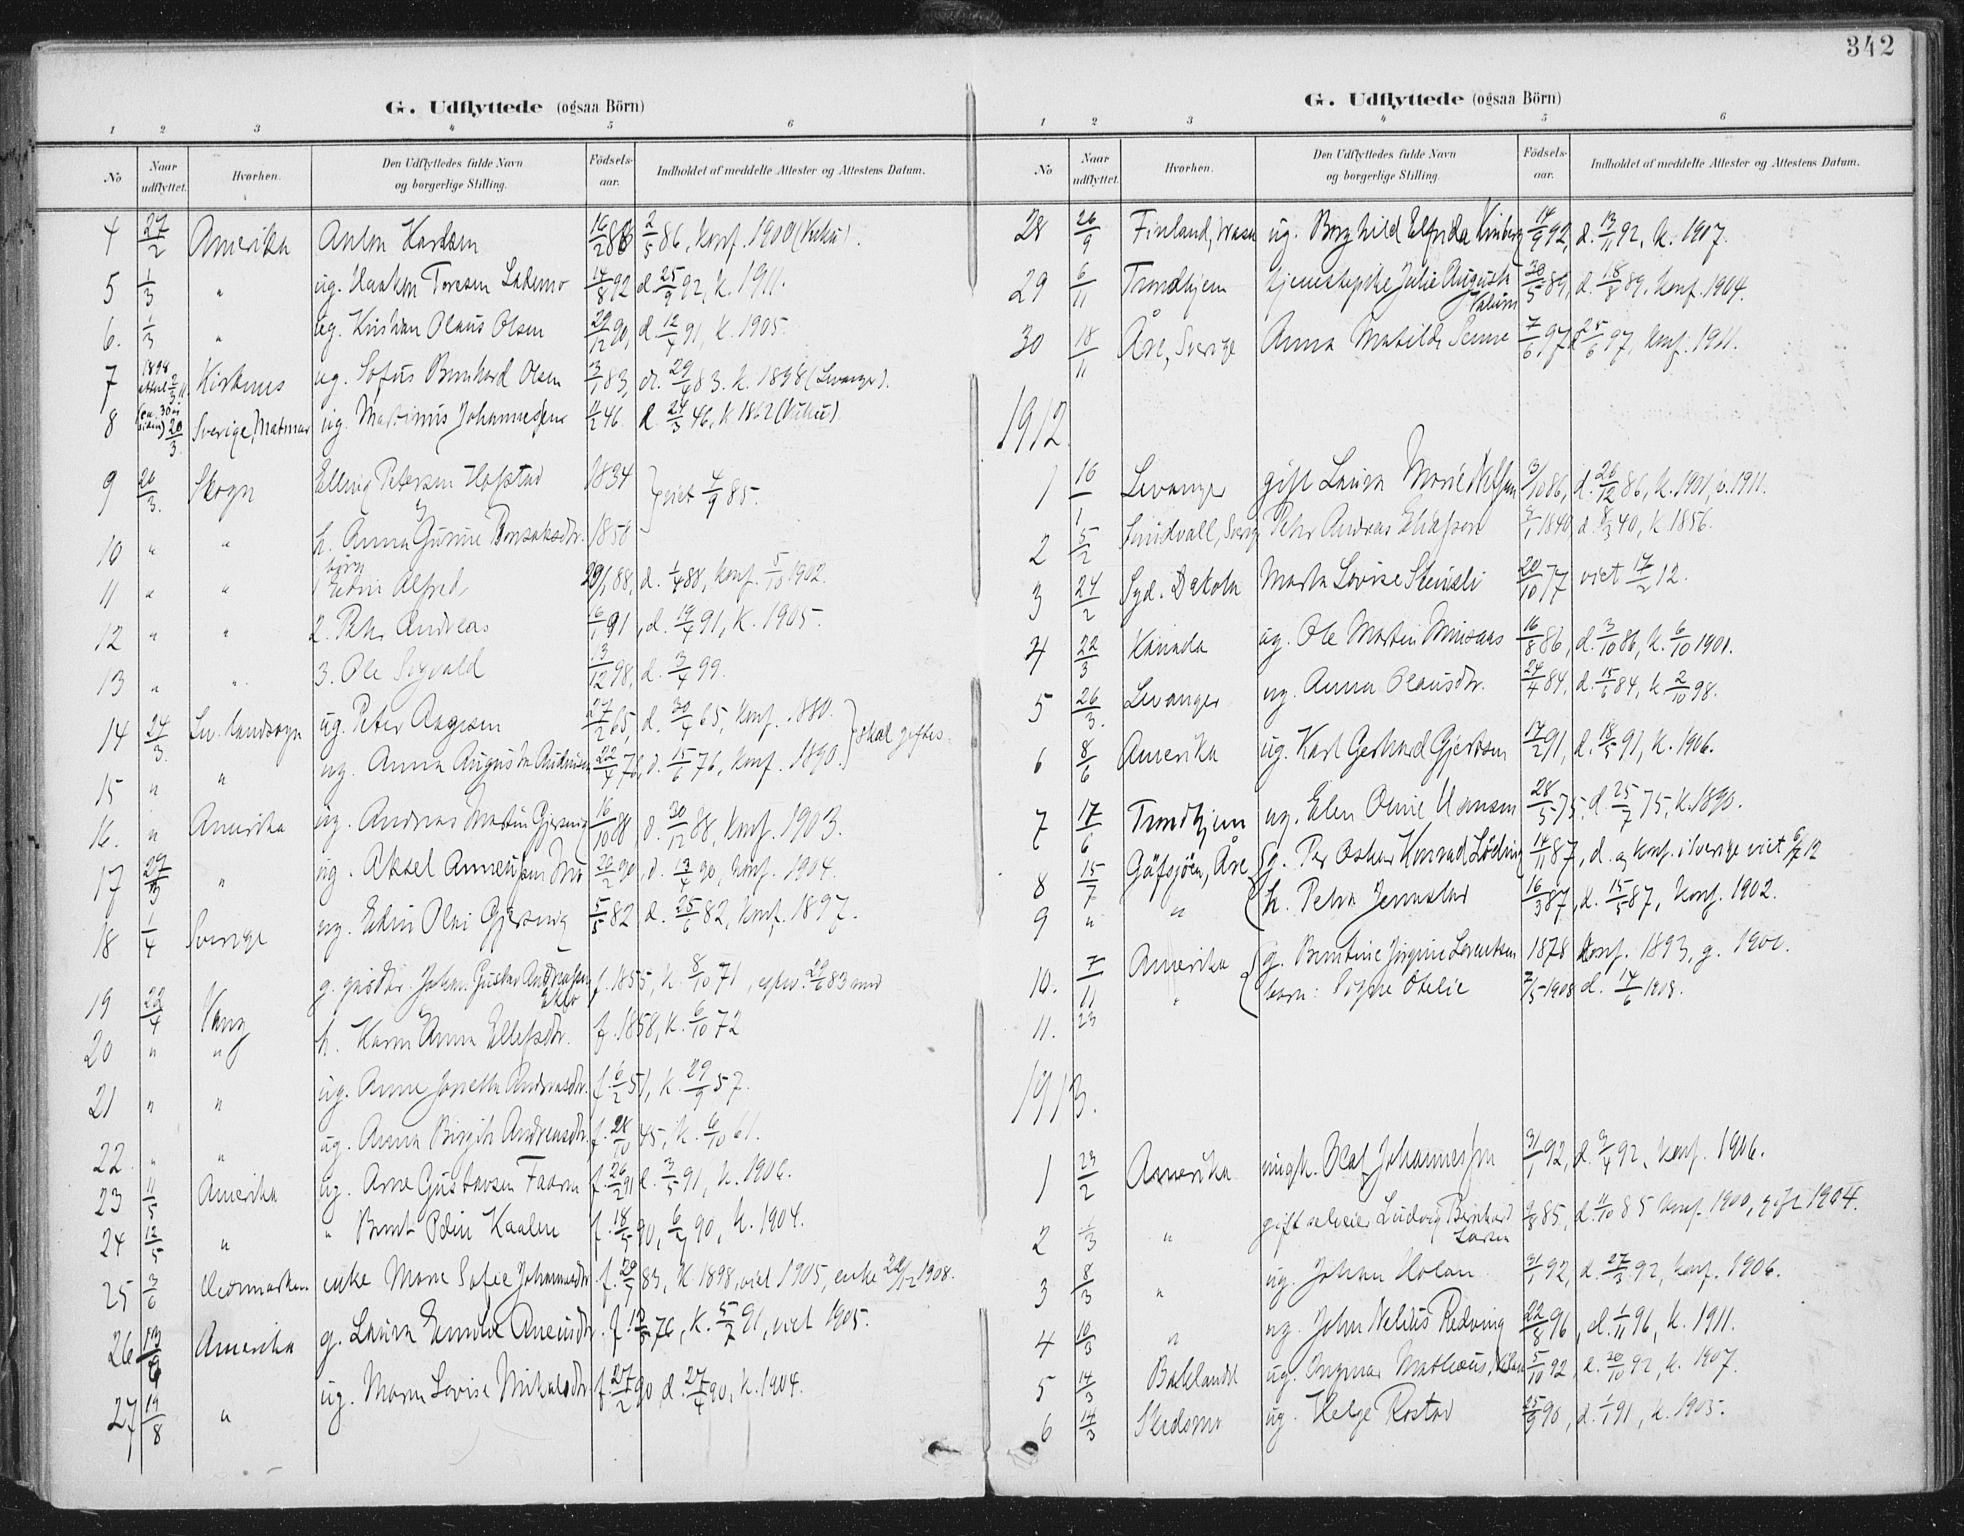 SAT, Ministerialprotokoller, klokkerbøker og fødselsregistre - Nord-Trøndelag, 723/L0246: Ministerialbok nr. 723A15, 1900-1917, s. 342